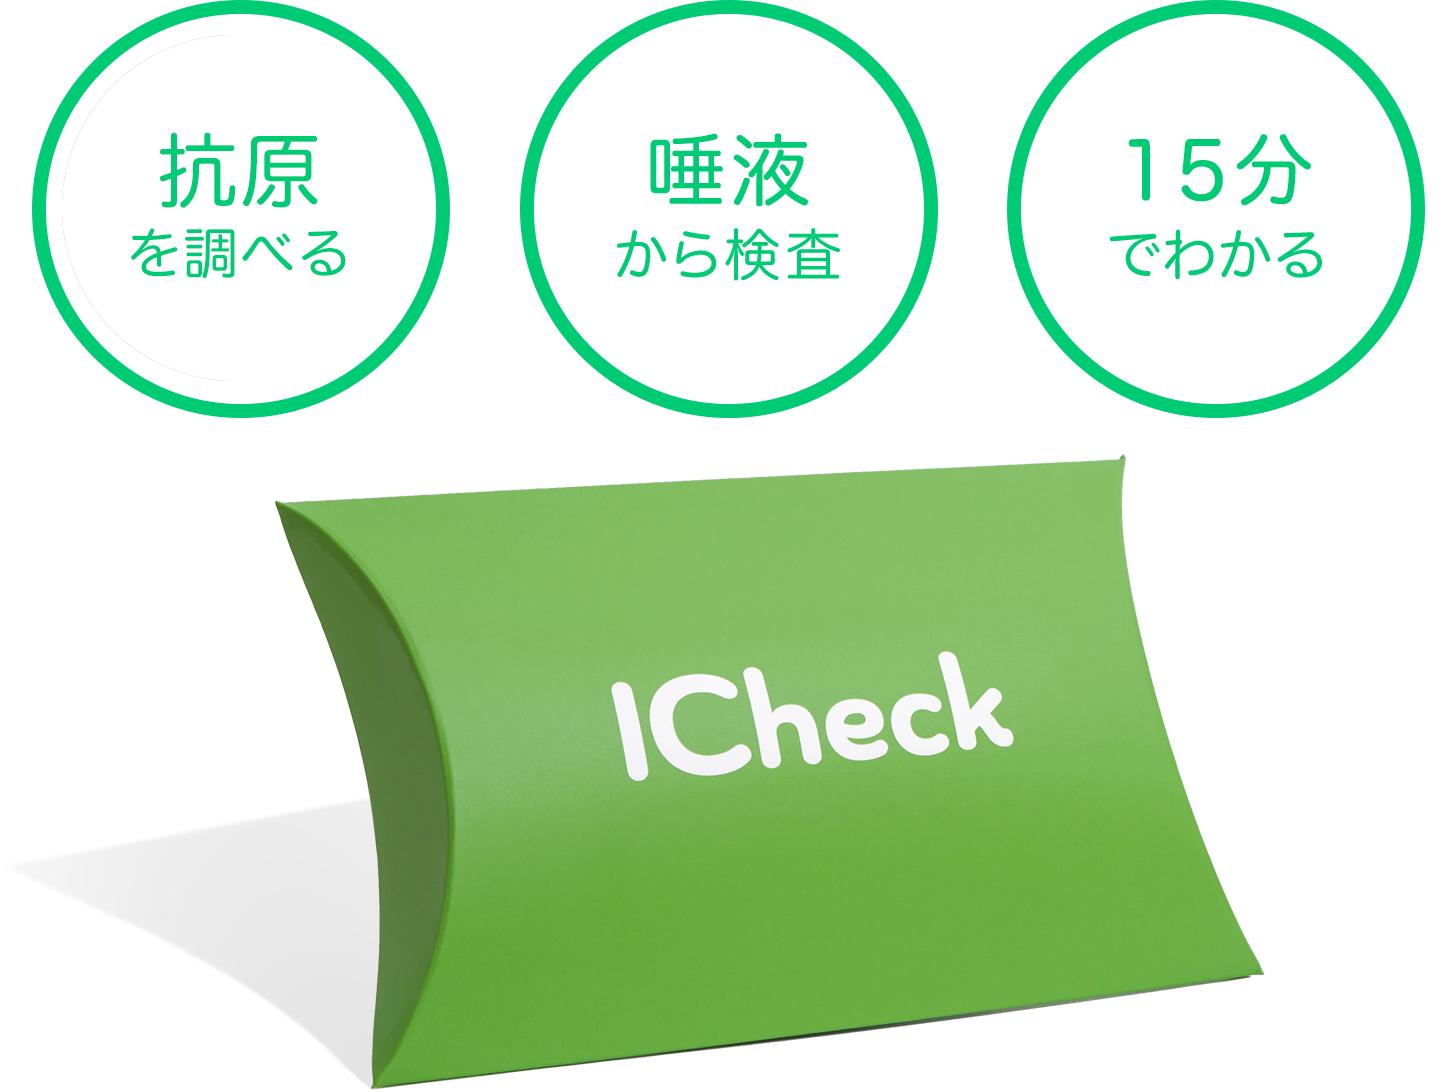 ICheck抗原検査 3,980円(税抜)